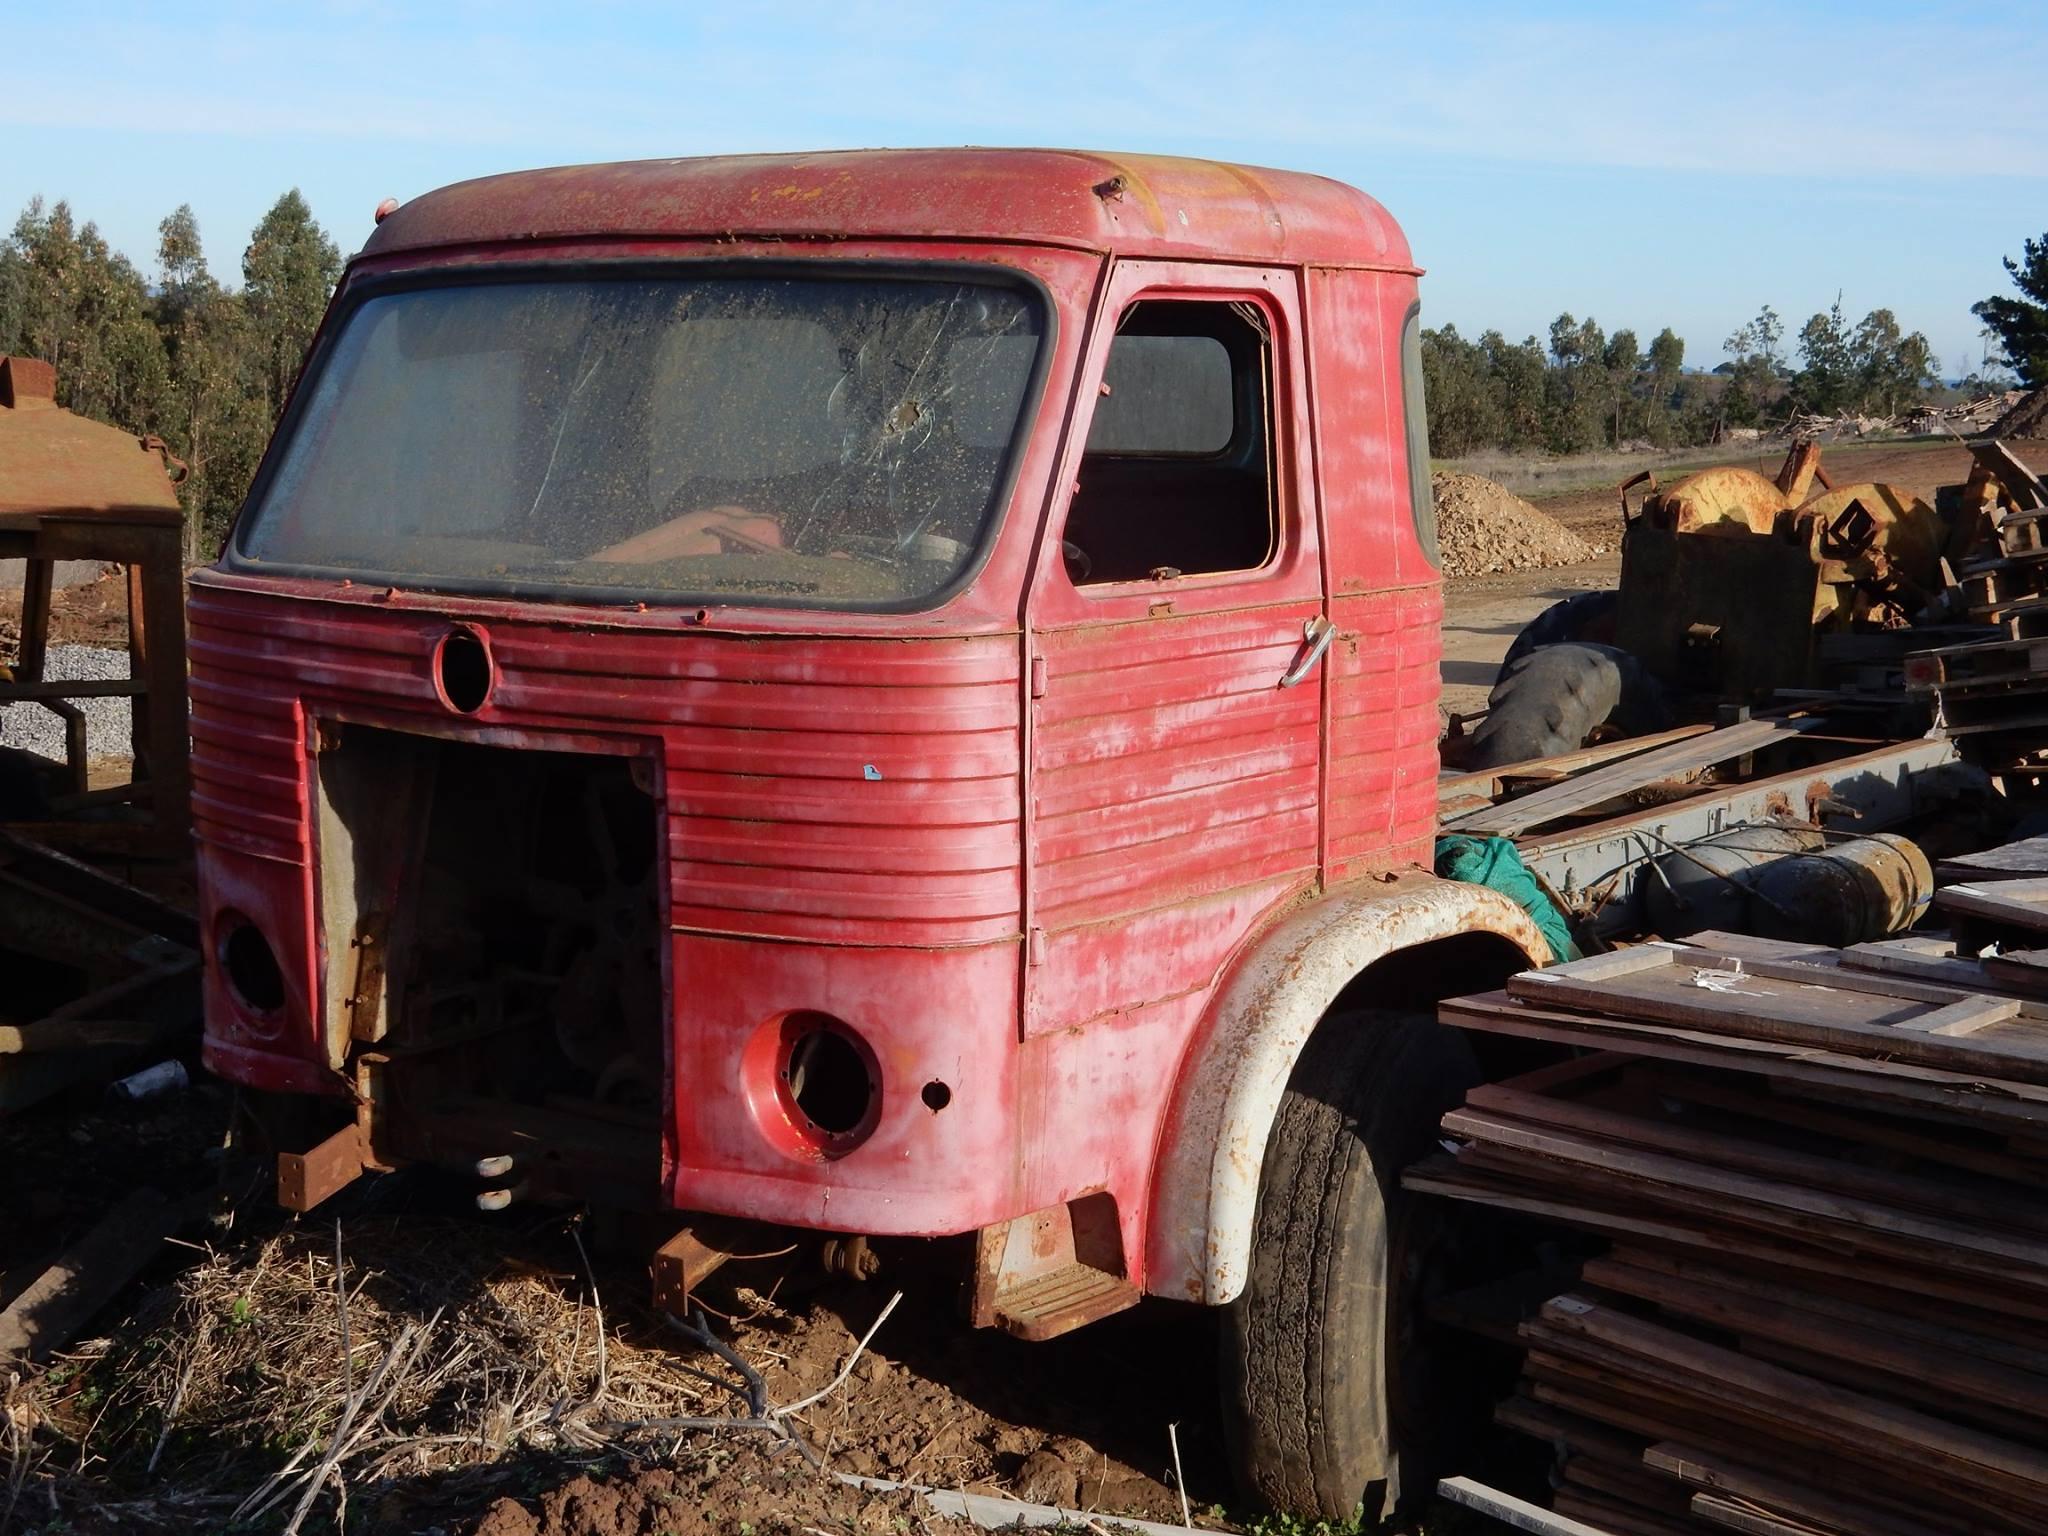 Camiones-vieja-escuela-olvidados-68